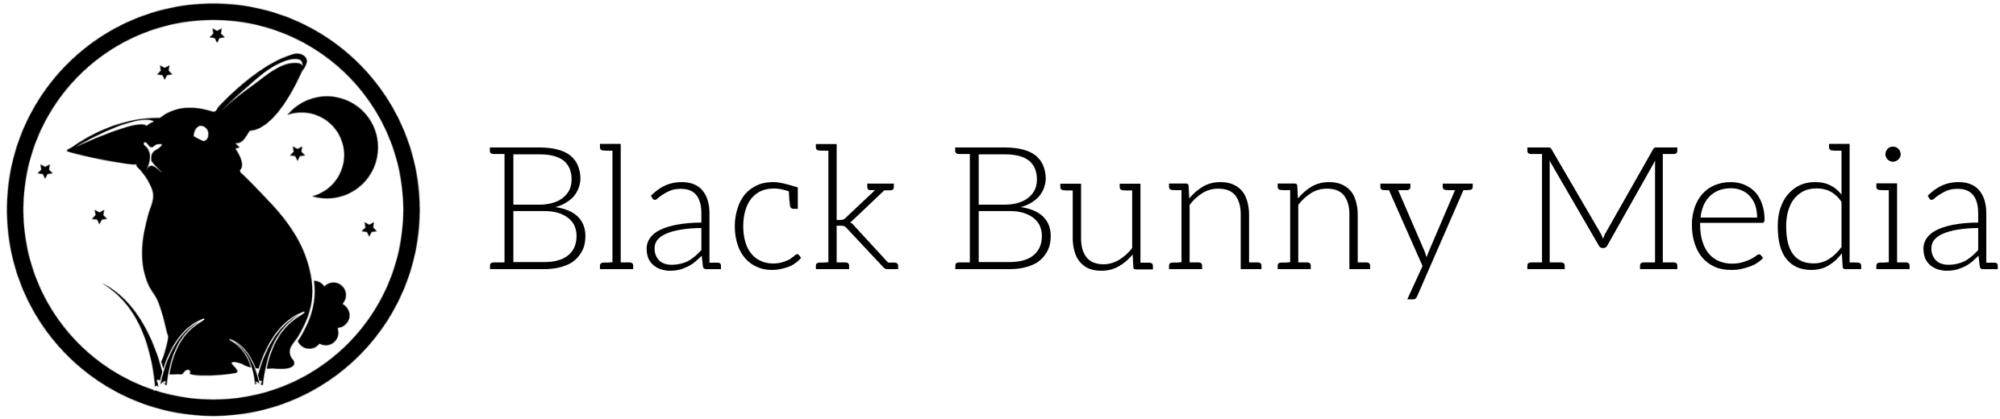 BLACK BUNNY MEDIA